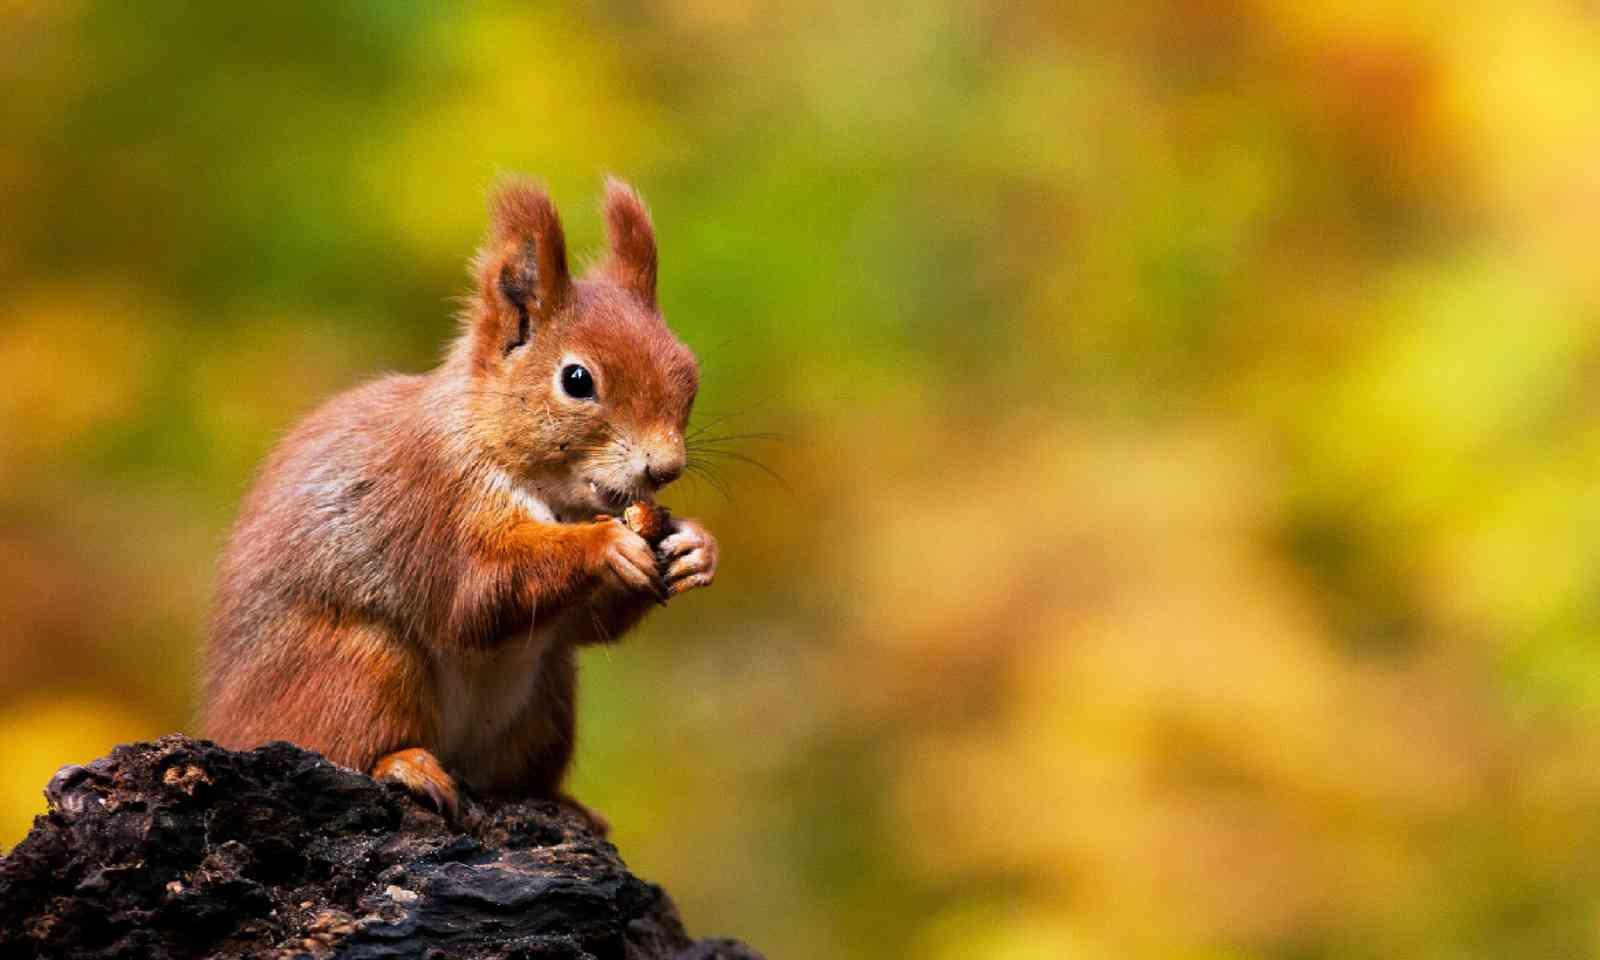 Squirrel (Shutterstock)